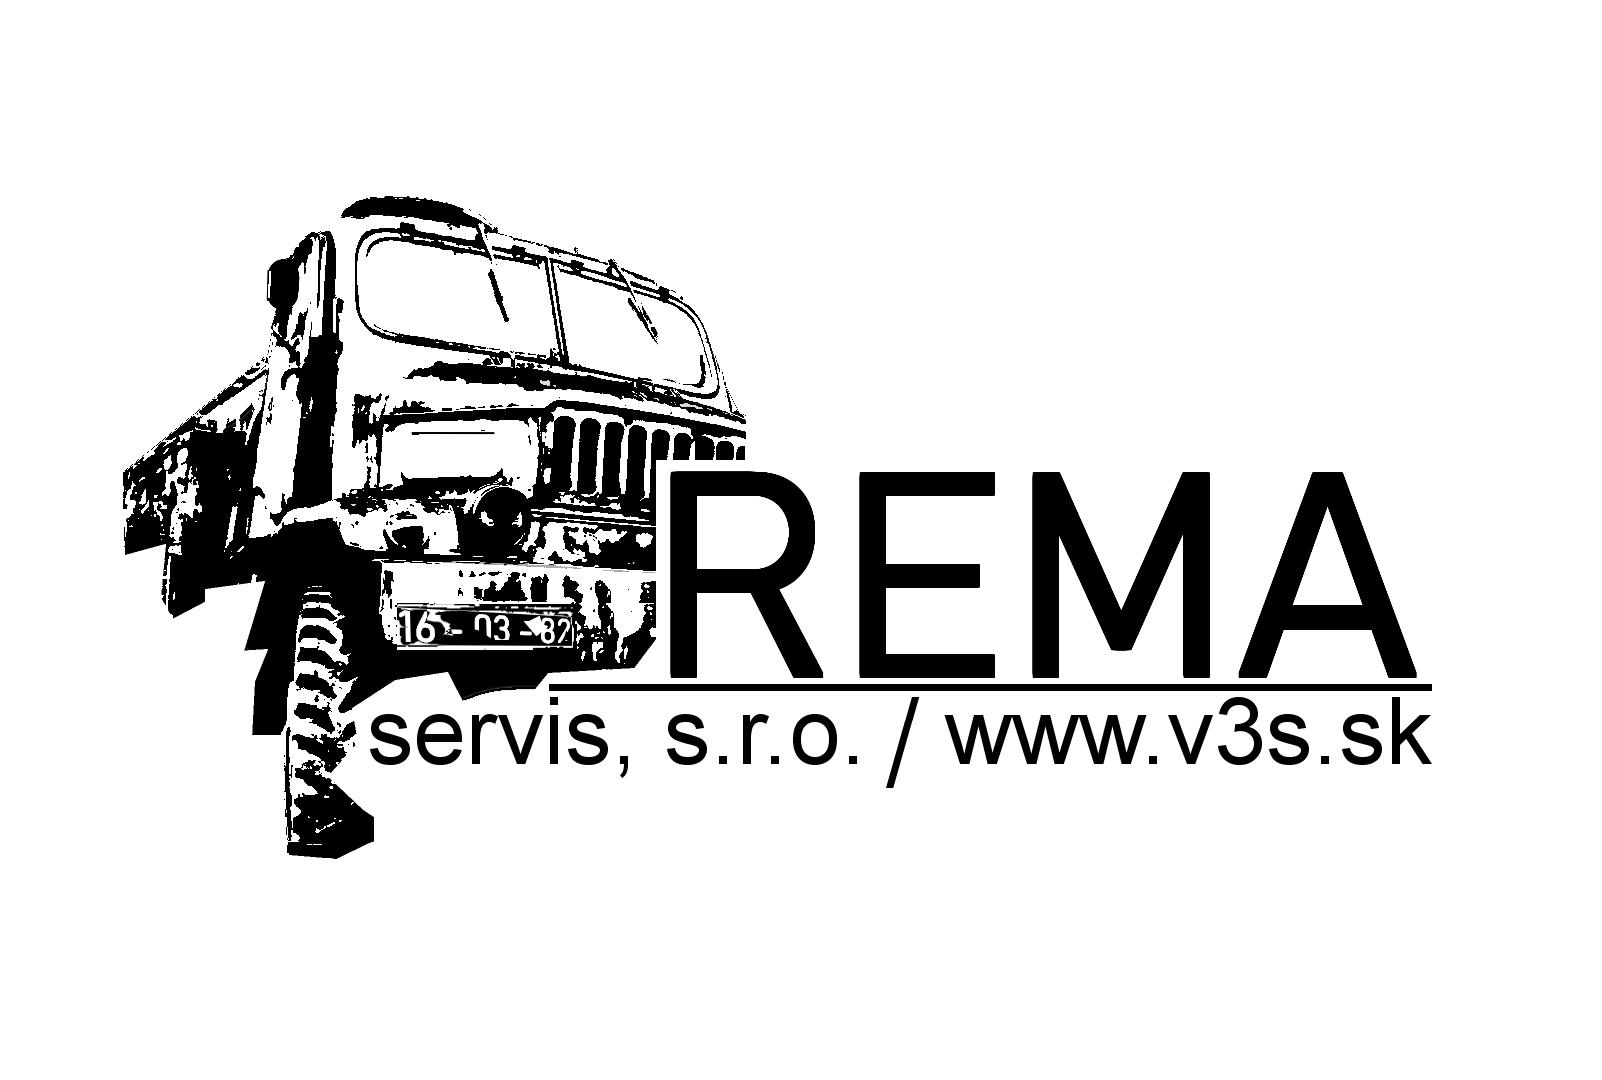 Náhradné diely pre nákladné autá v3s